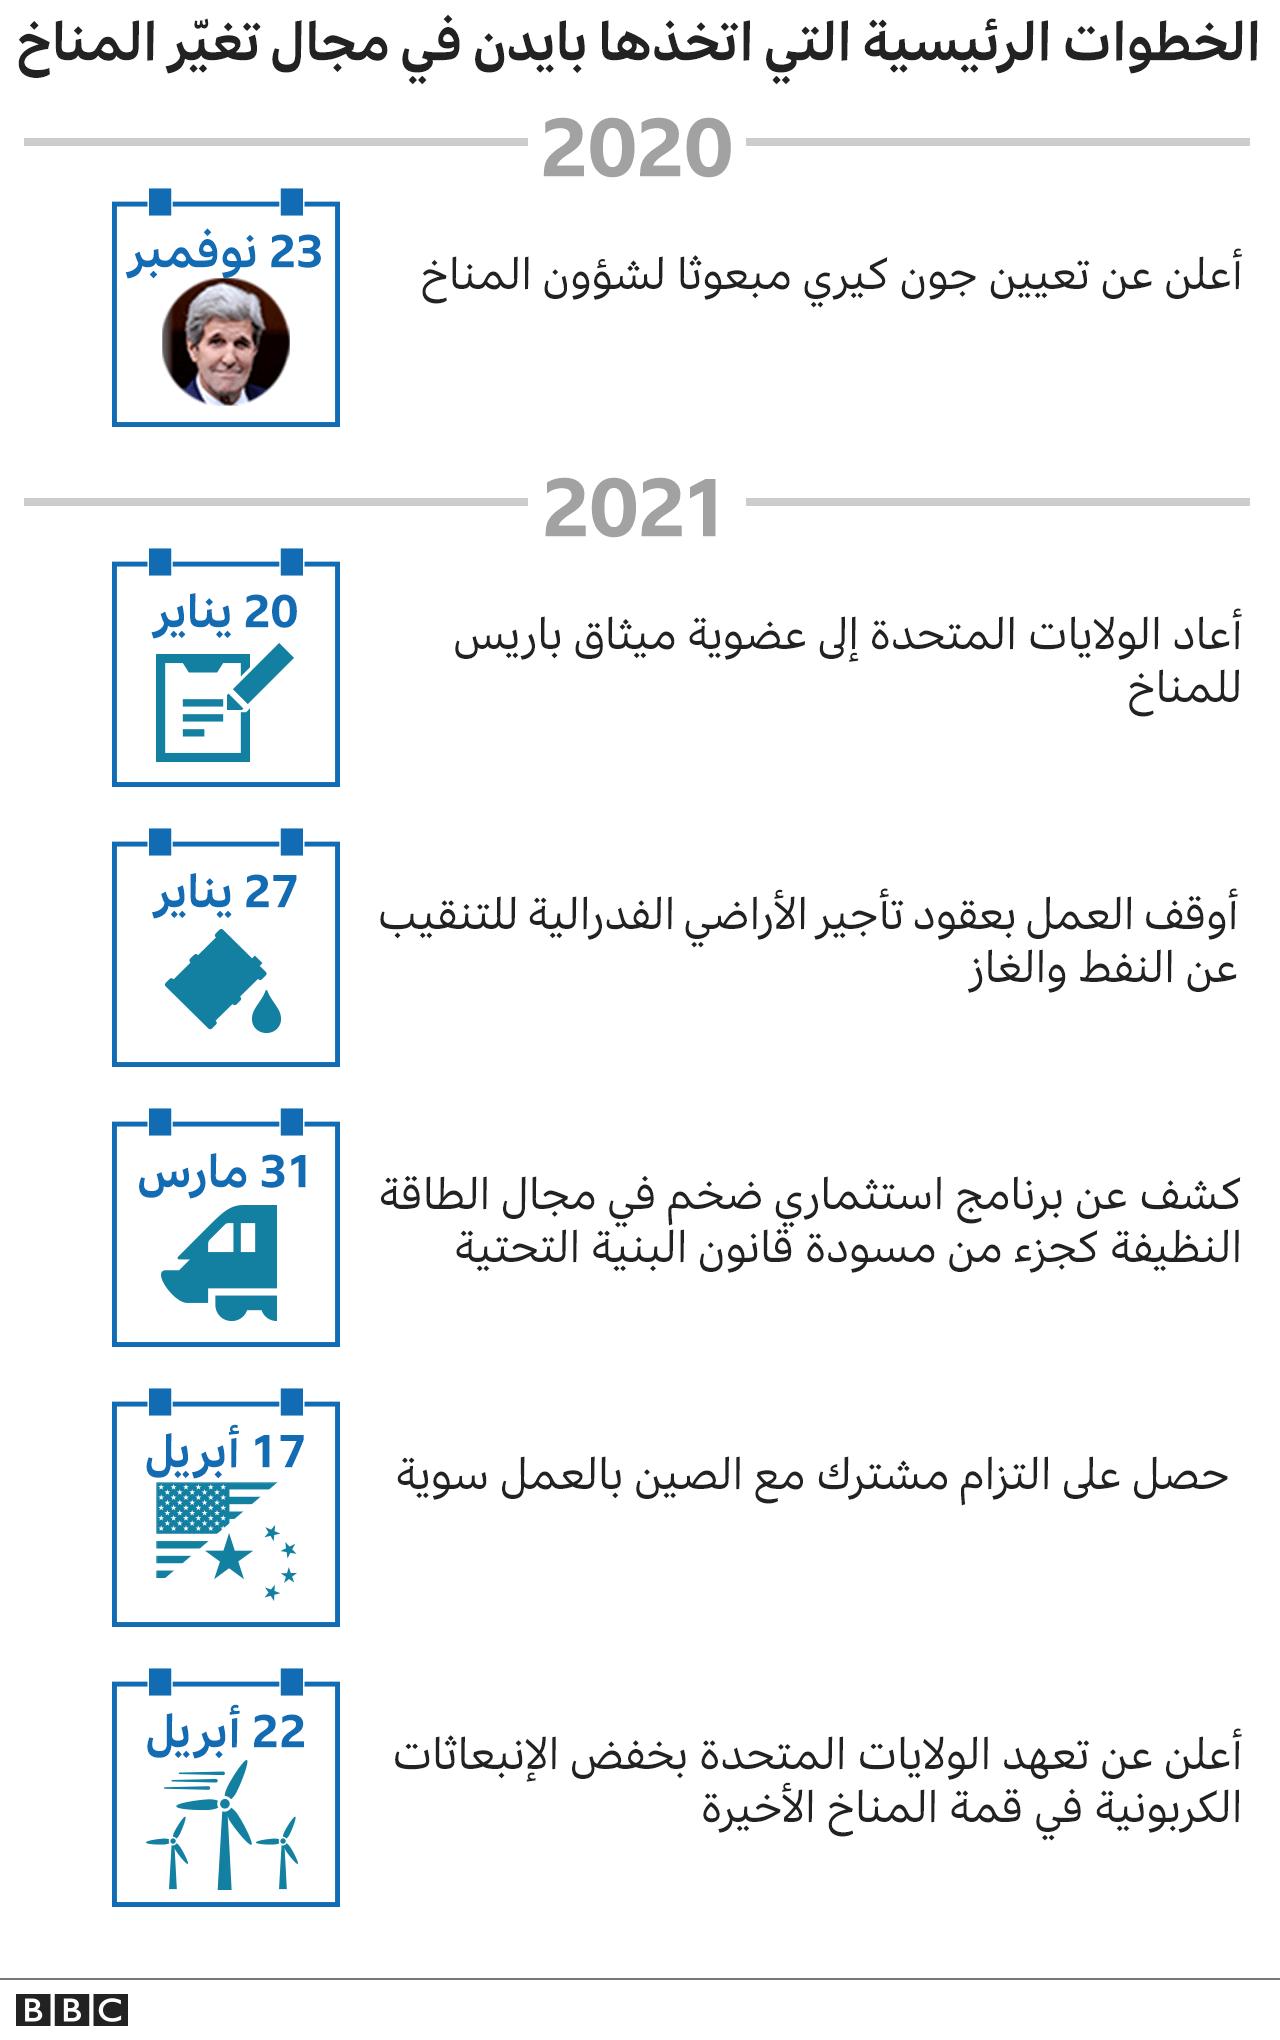 الخطوات الرئيسية التي اتخذها بايدن في مجال تغير المناخ